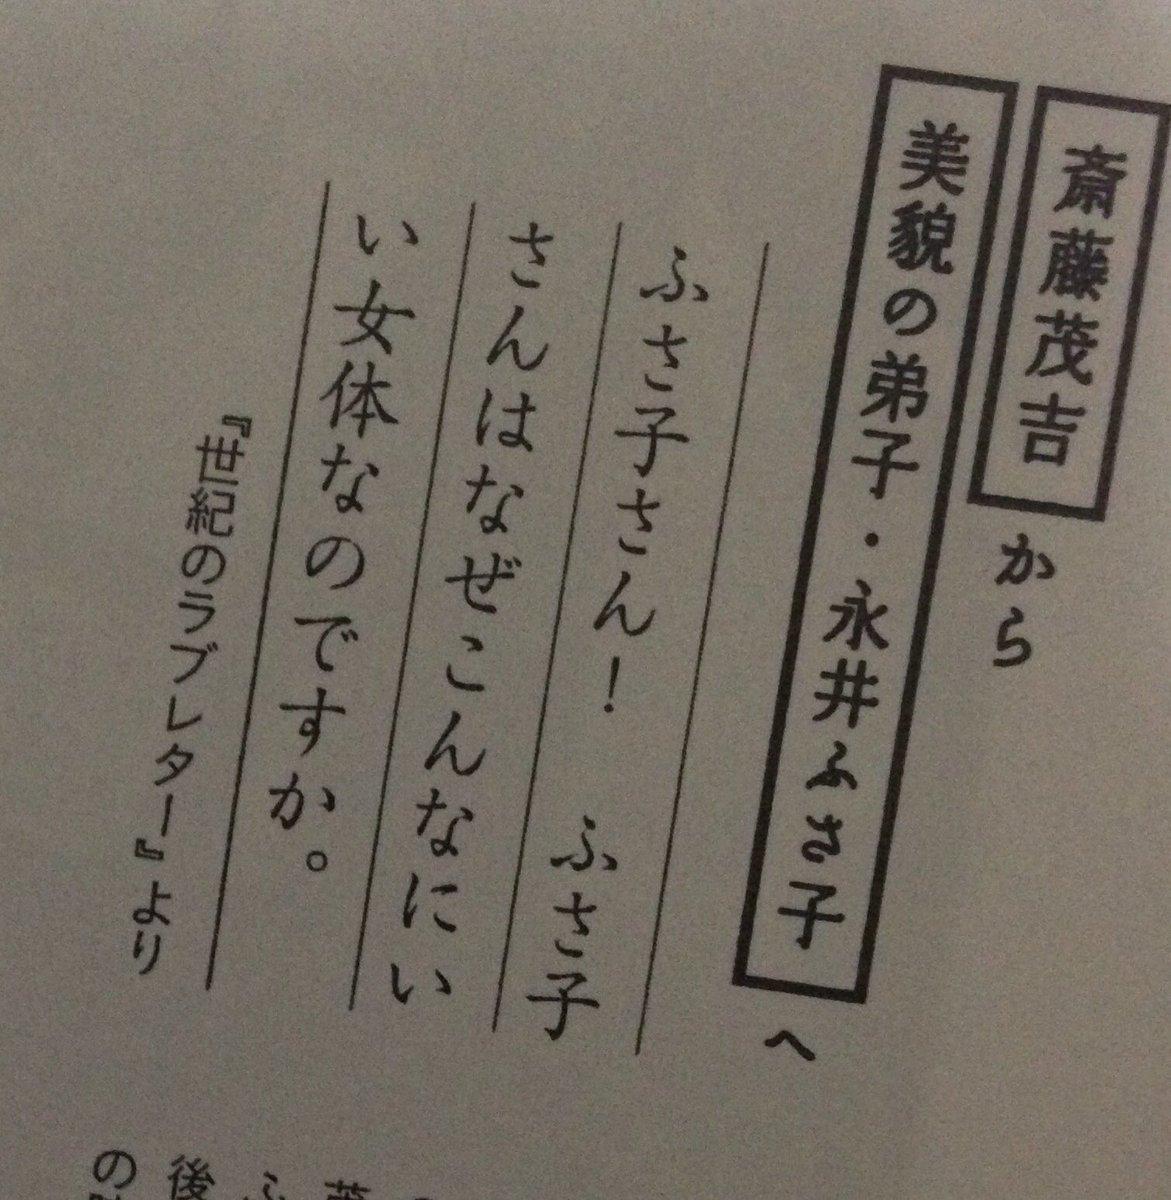 斎藤茂吉のラブレターが、ぶっ飛びすぎている。